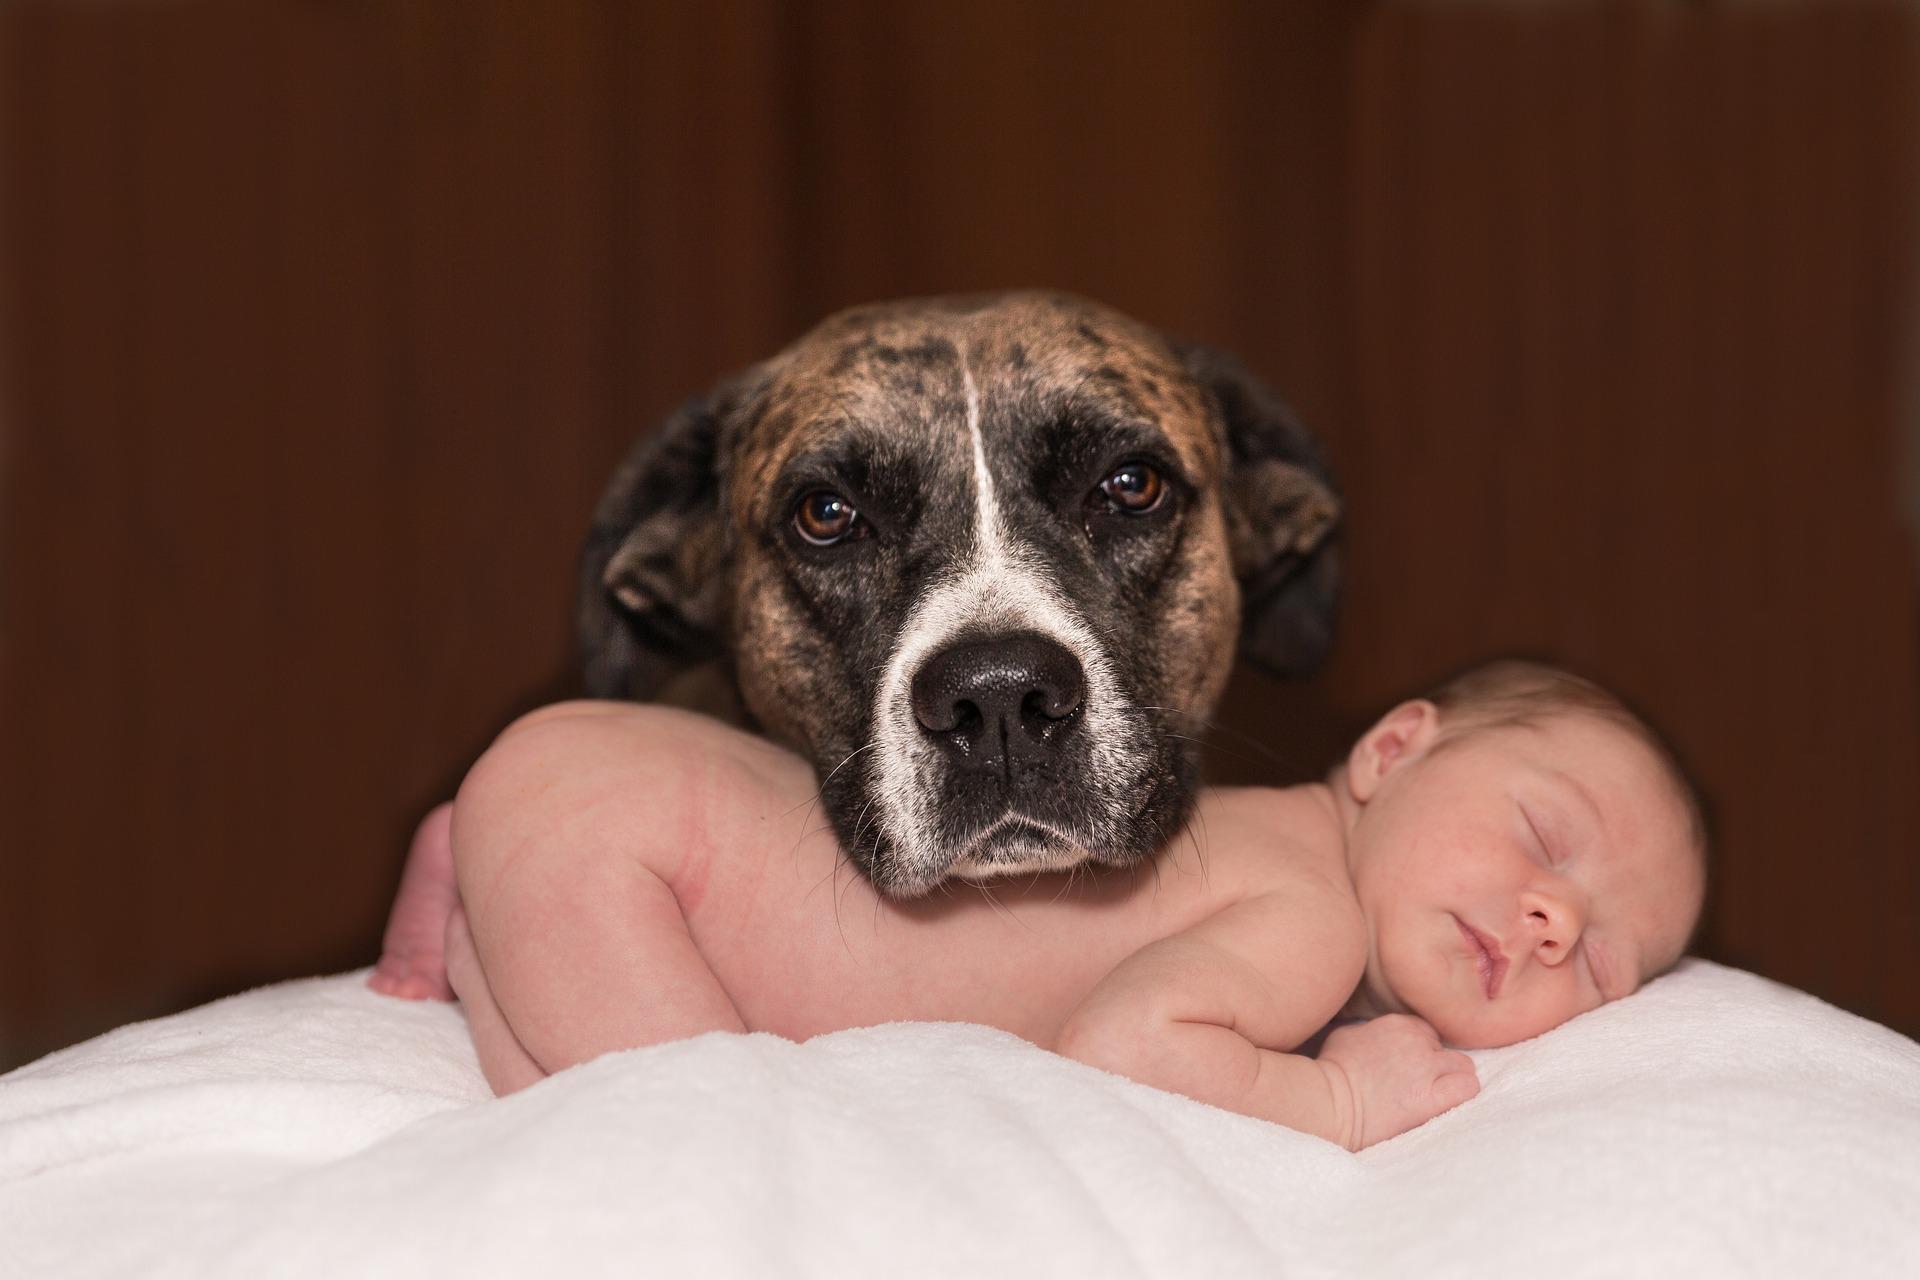 Un chien qui a sa tête posée sur le corps d'un bébé nu